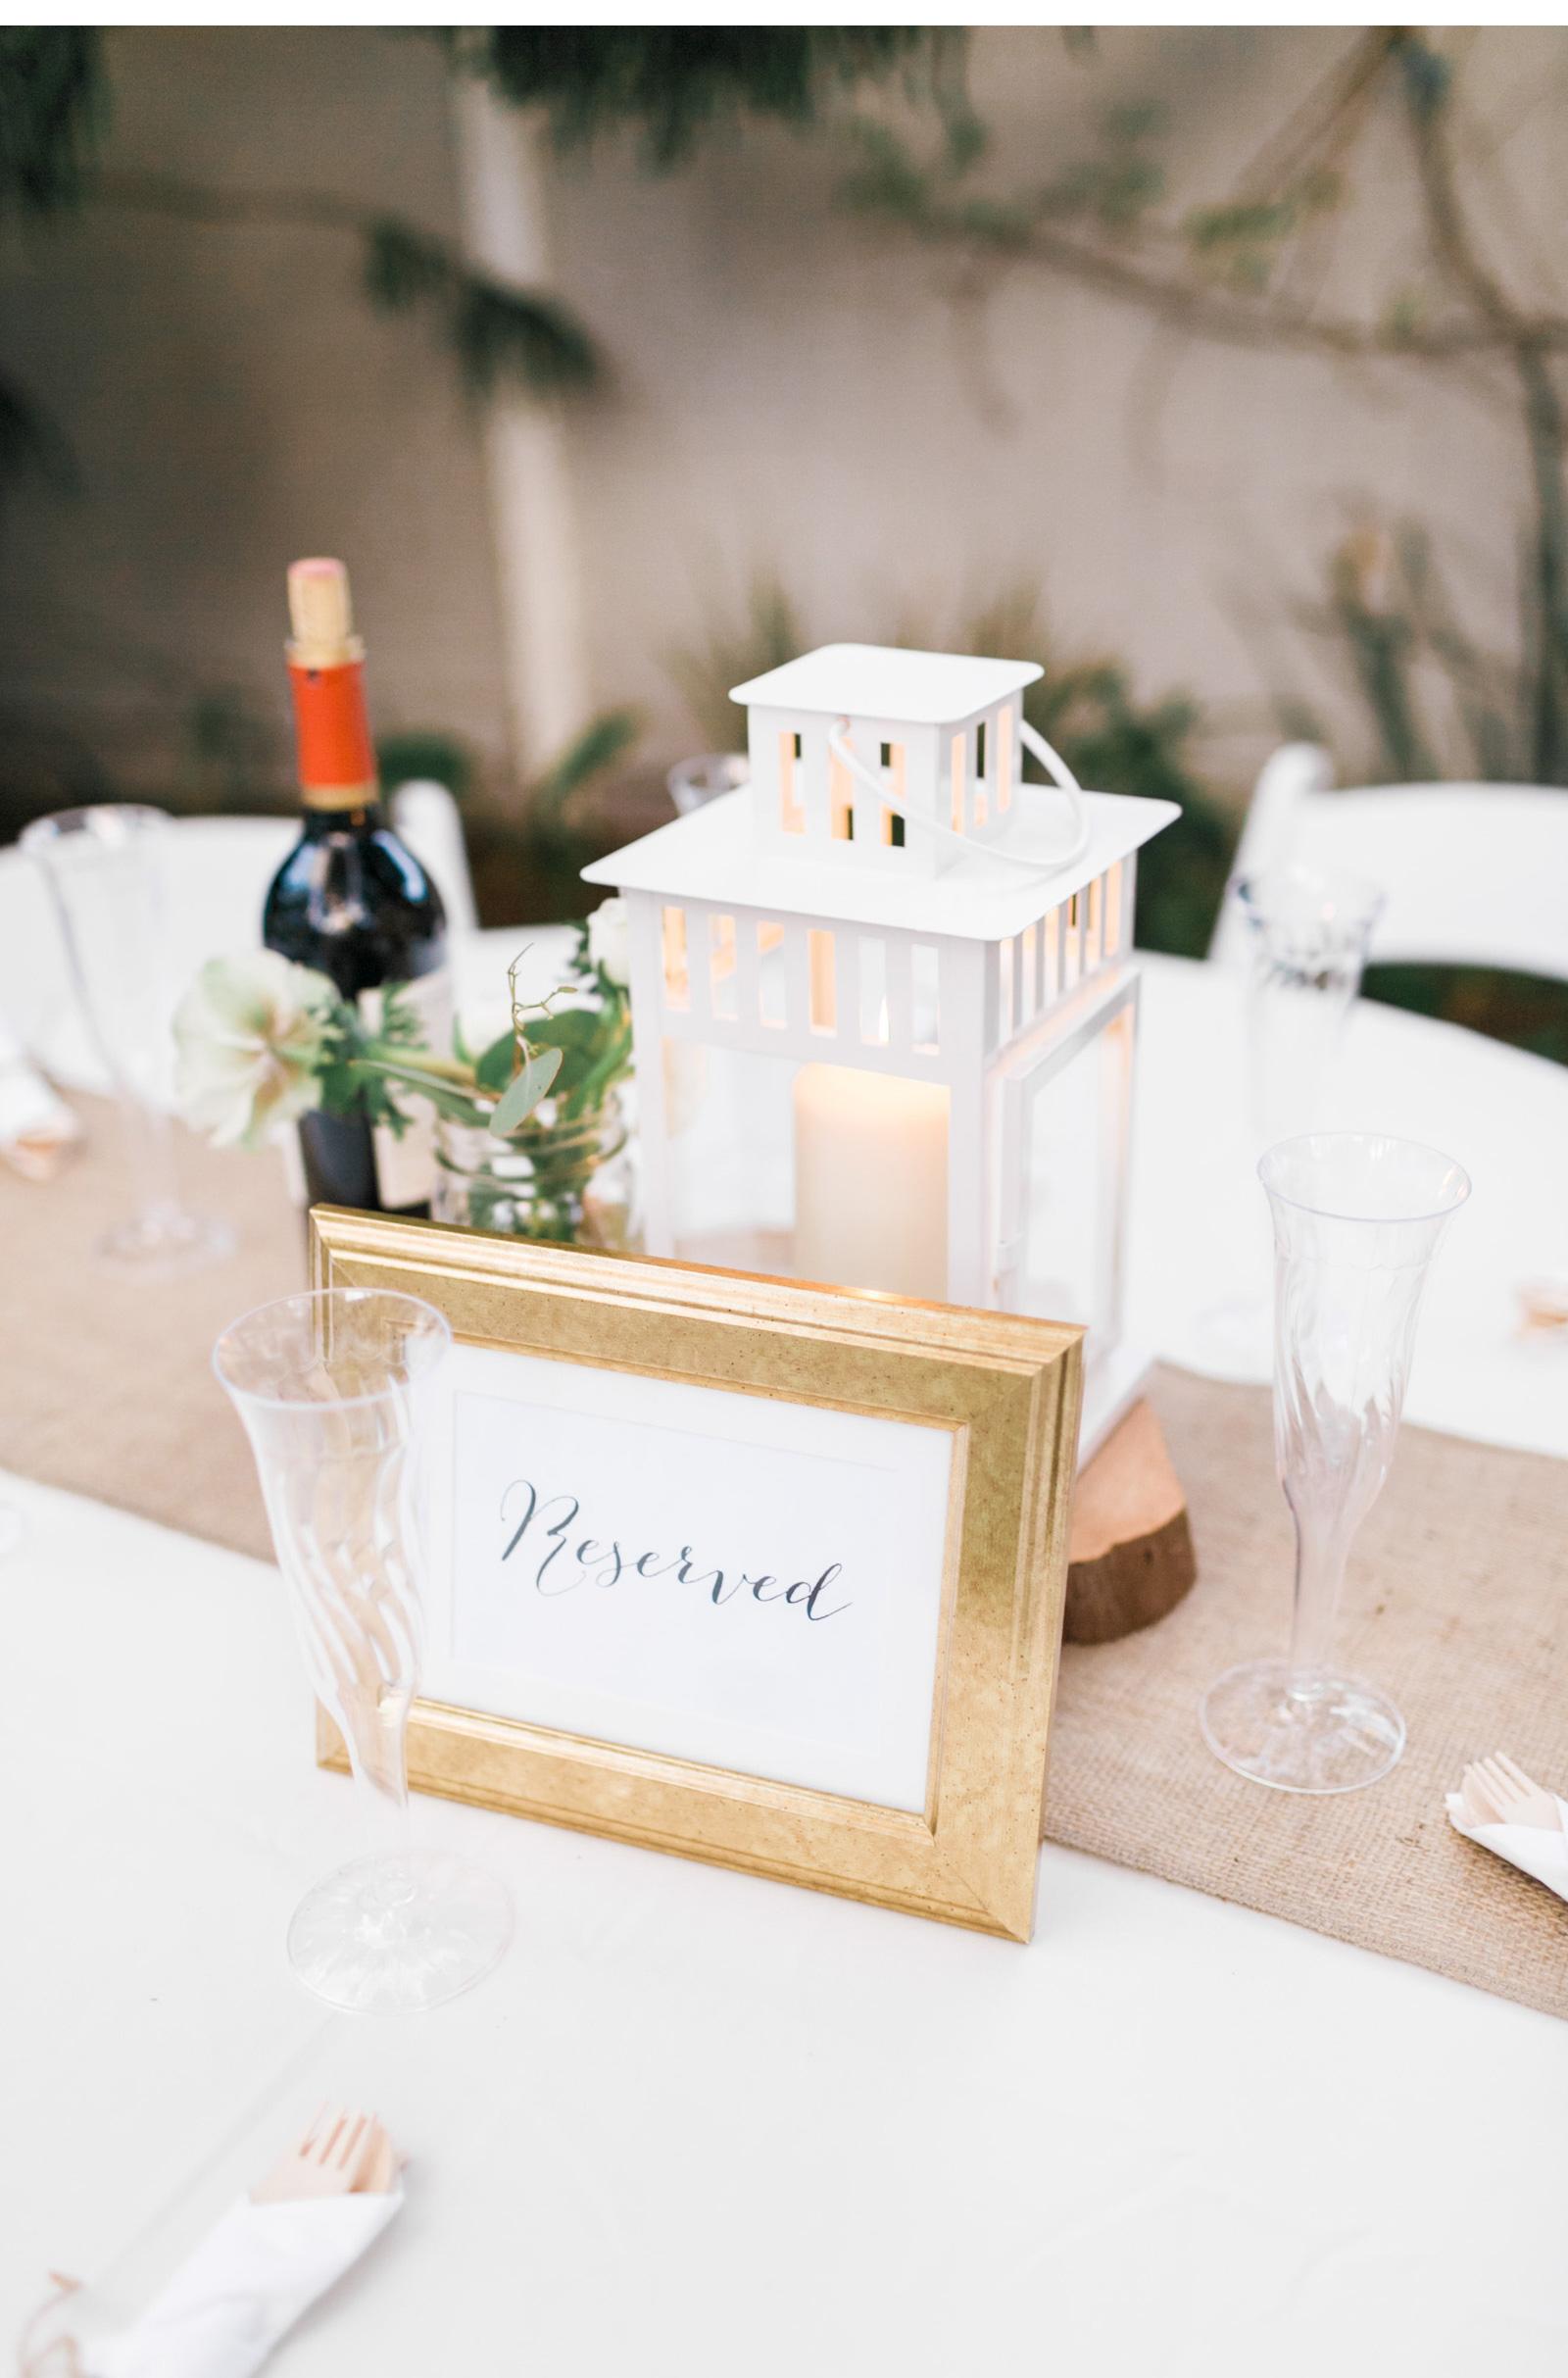 Natalie-Schutt-Photography-Backyard-Wedding-_02.jpg